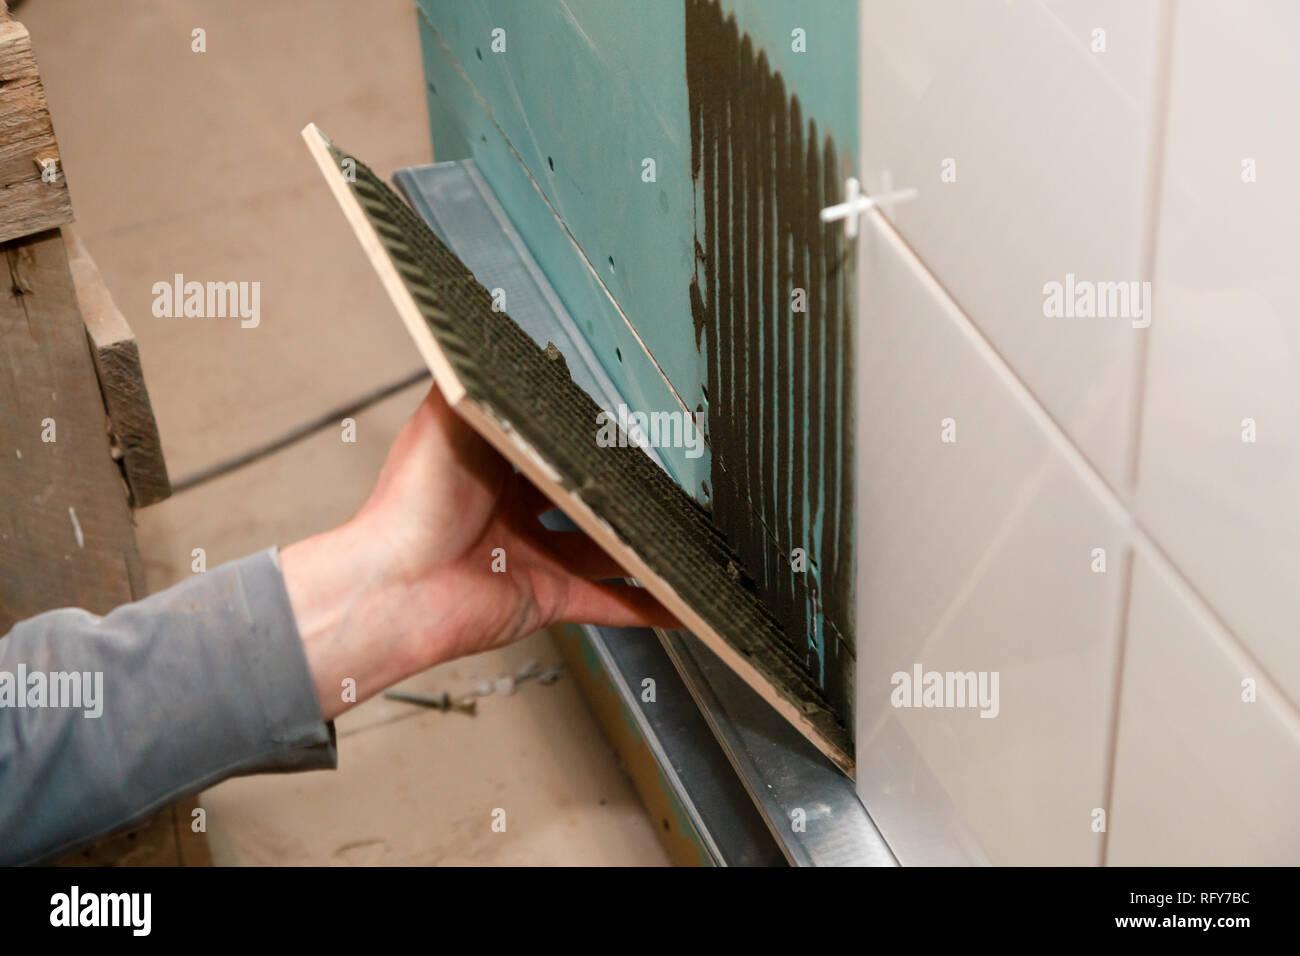 Piastrelle come funziona correttamente riparazione e